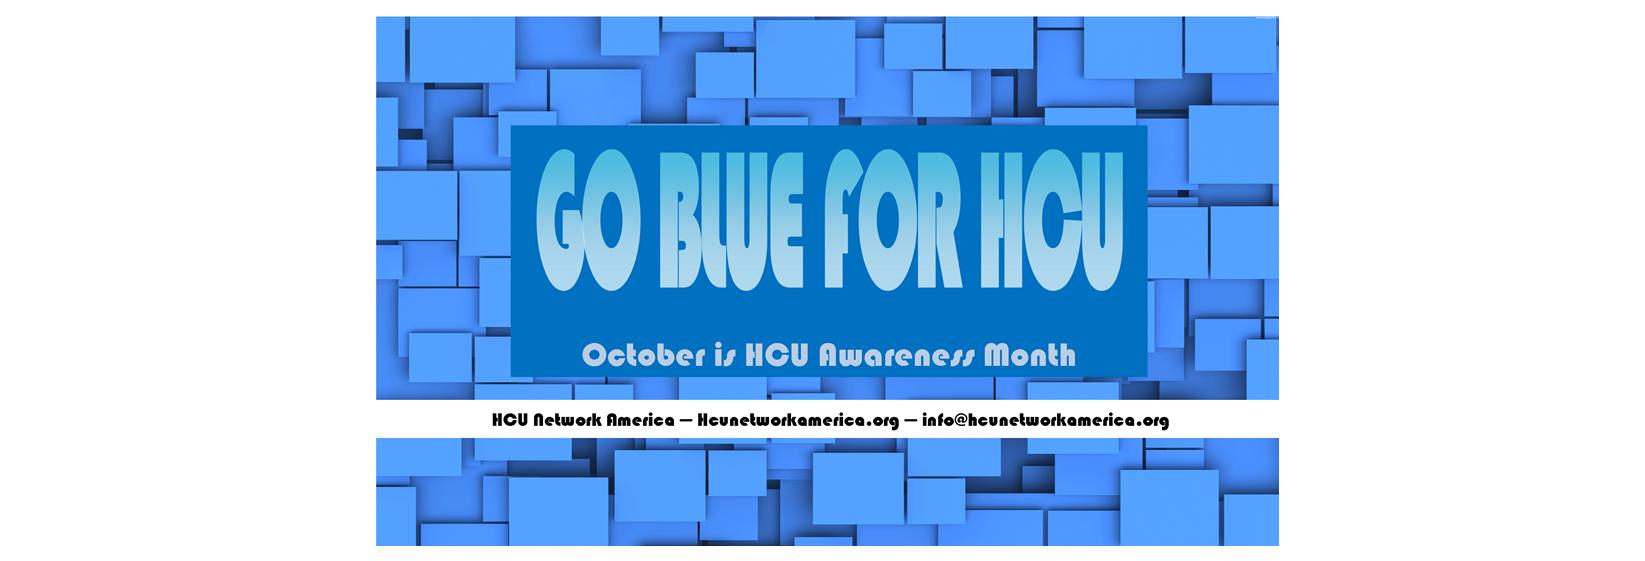 October is HCU Awareness Month